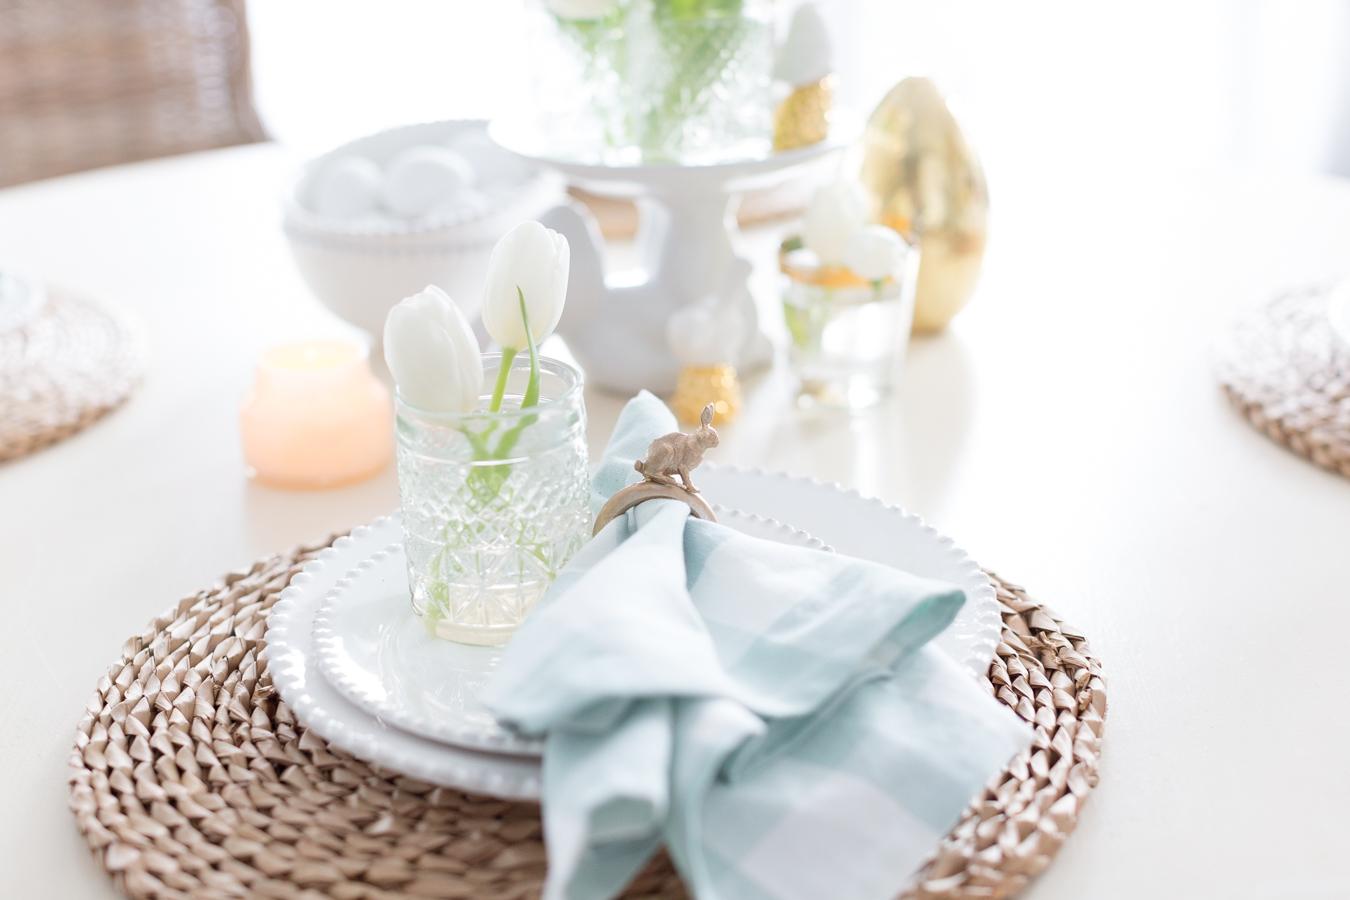 Easter Bunny Napkin Ring DIY craftberrybush-8